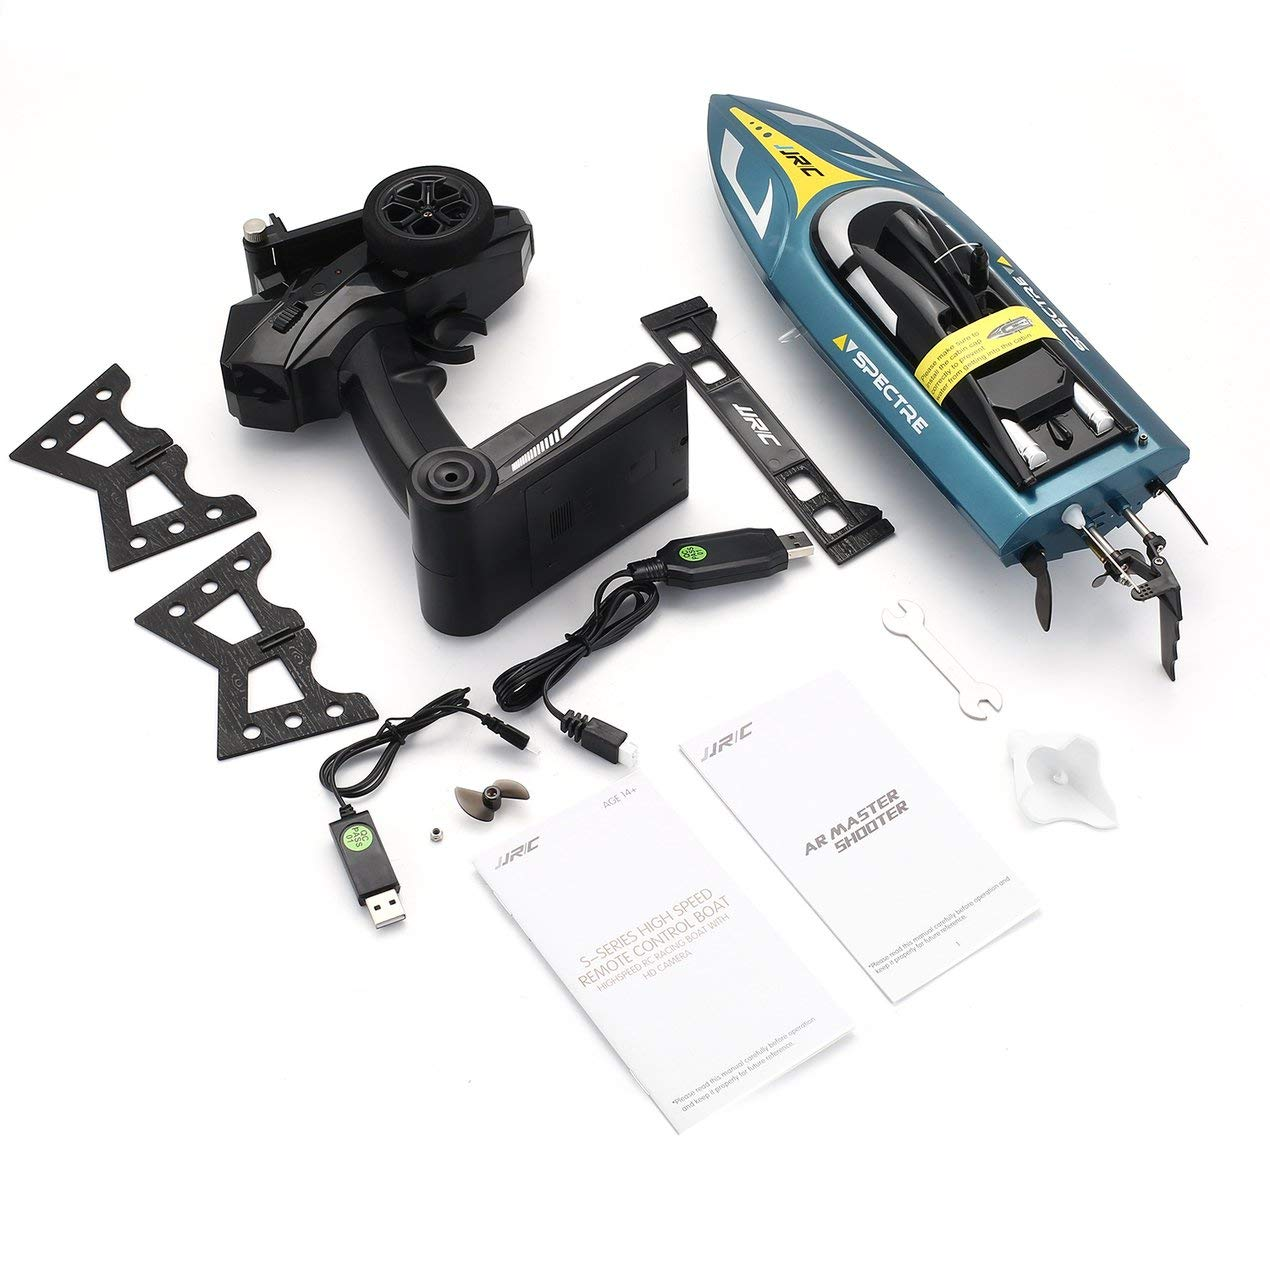 Dooret JJR / C 2.4G 720P WiFi FPV Kamera Speedboat 25 km / h RC RennStiefel Spielzeug für Kinder